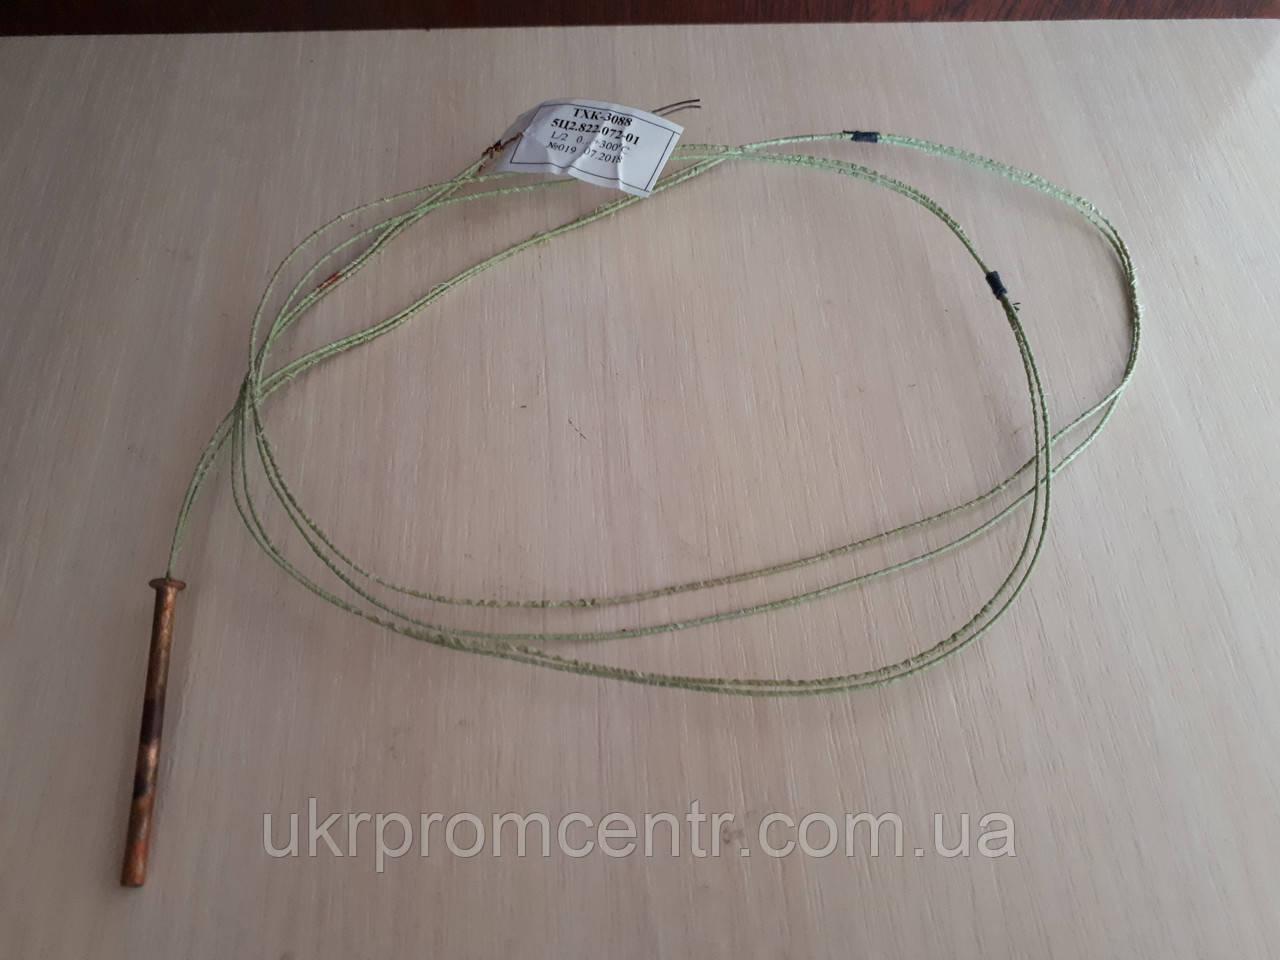 Термоэлектрический преобразователь ТХК-3088